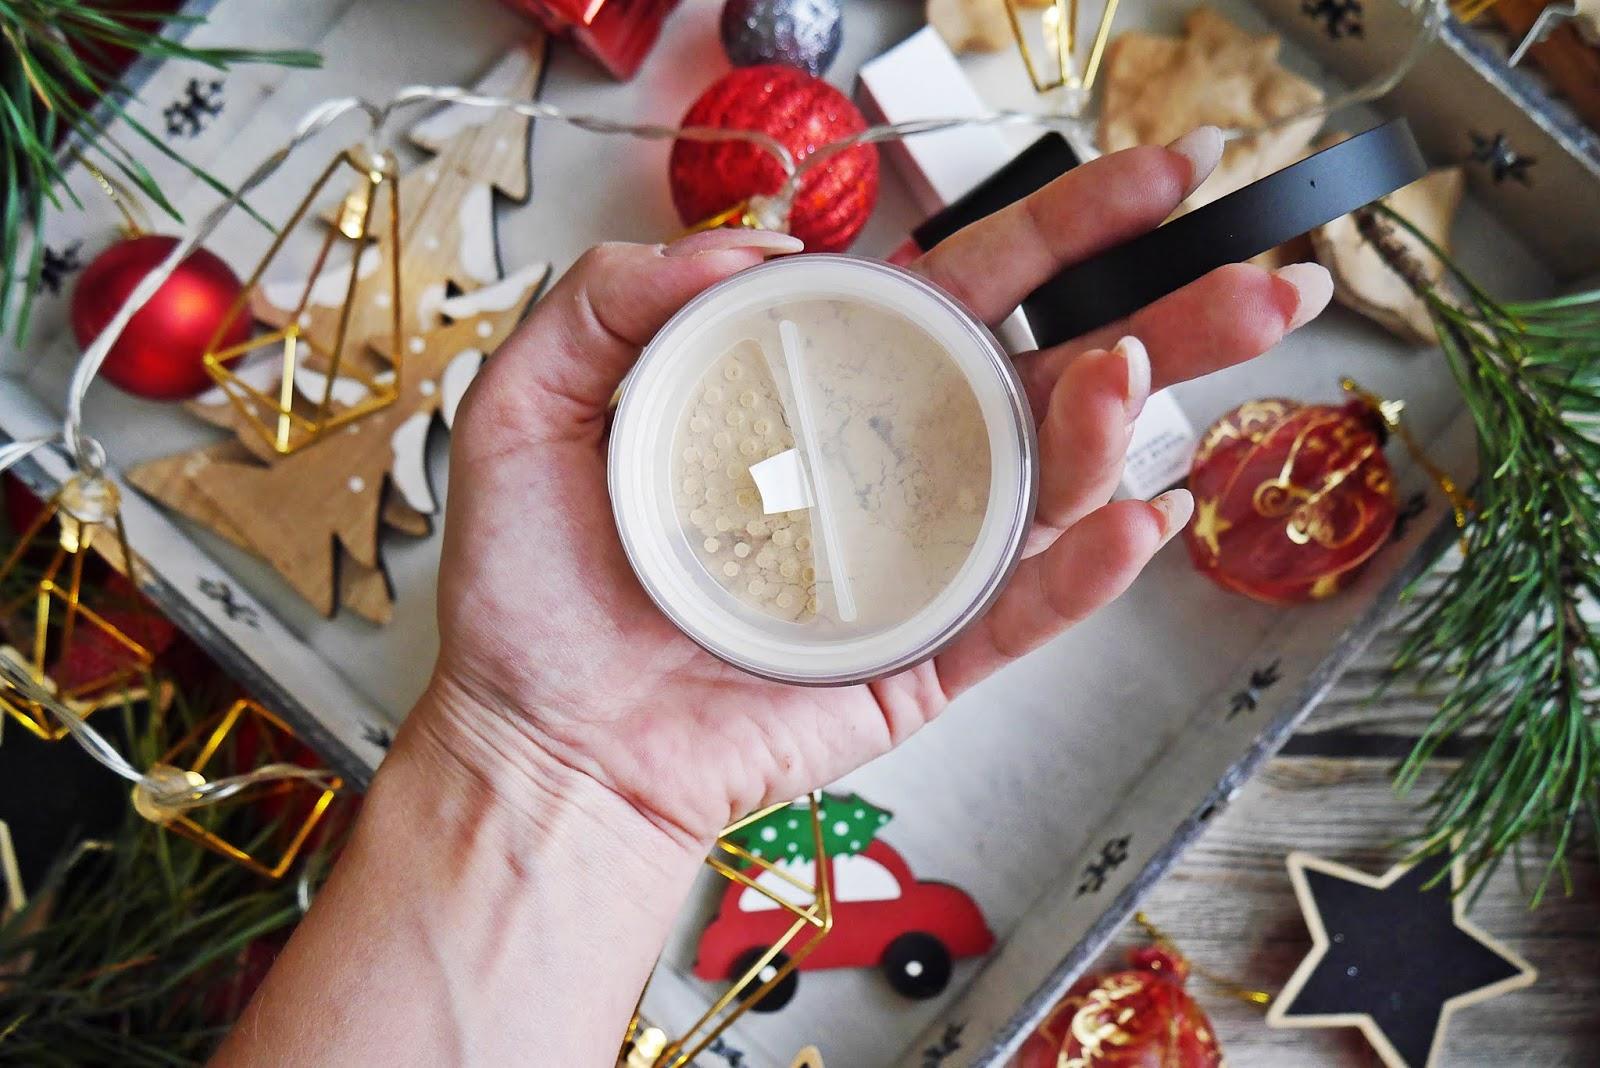 Lily lolo naturalny błyszczyk English Rose Mineralny rozświetlacz Star Dust blog modowy urodowy urodowa karyn puławy